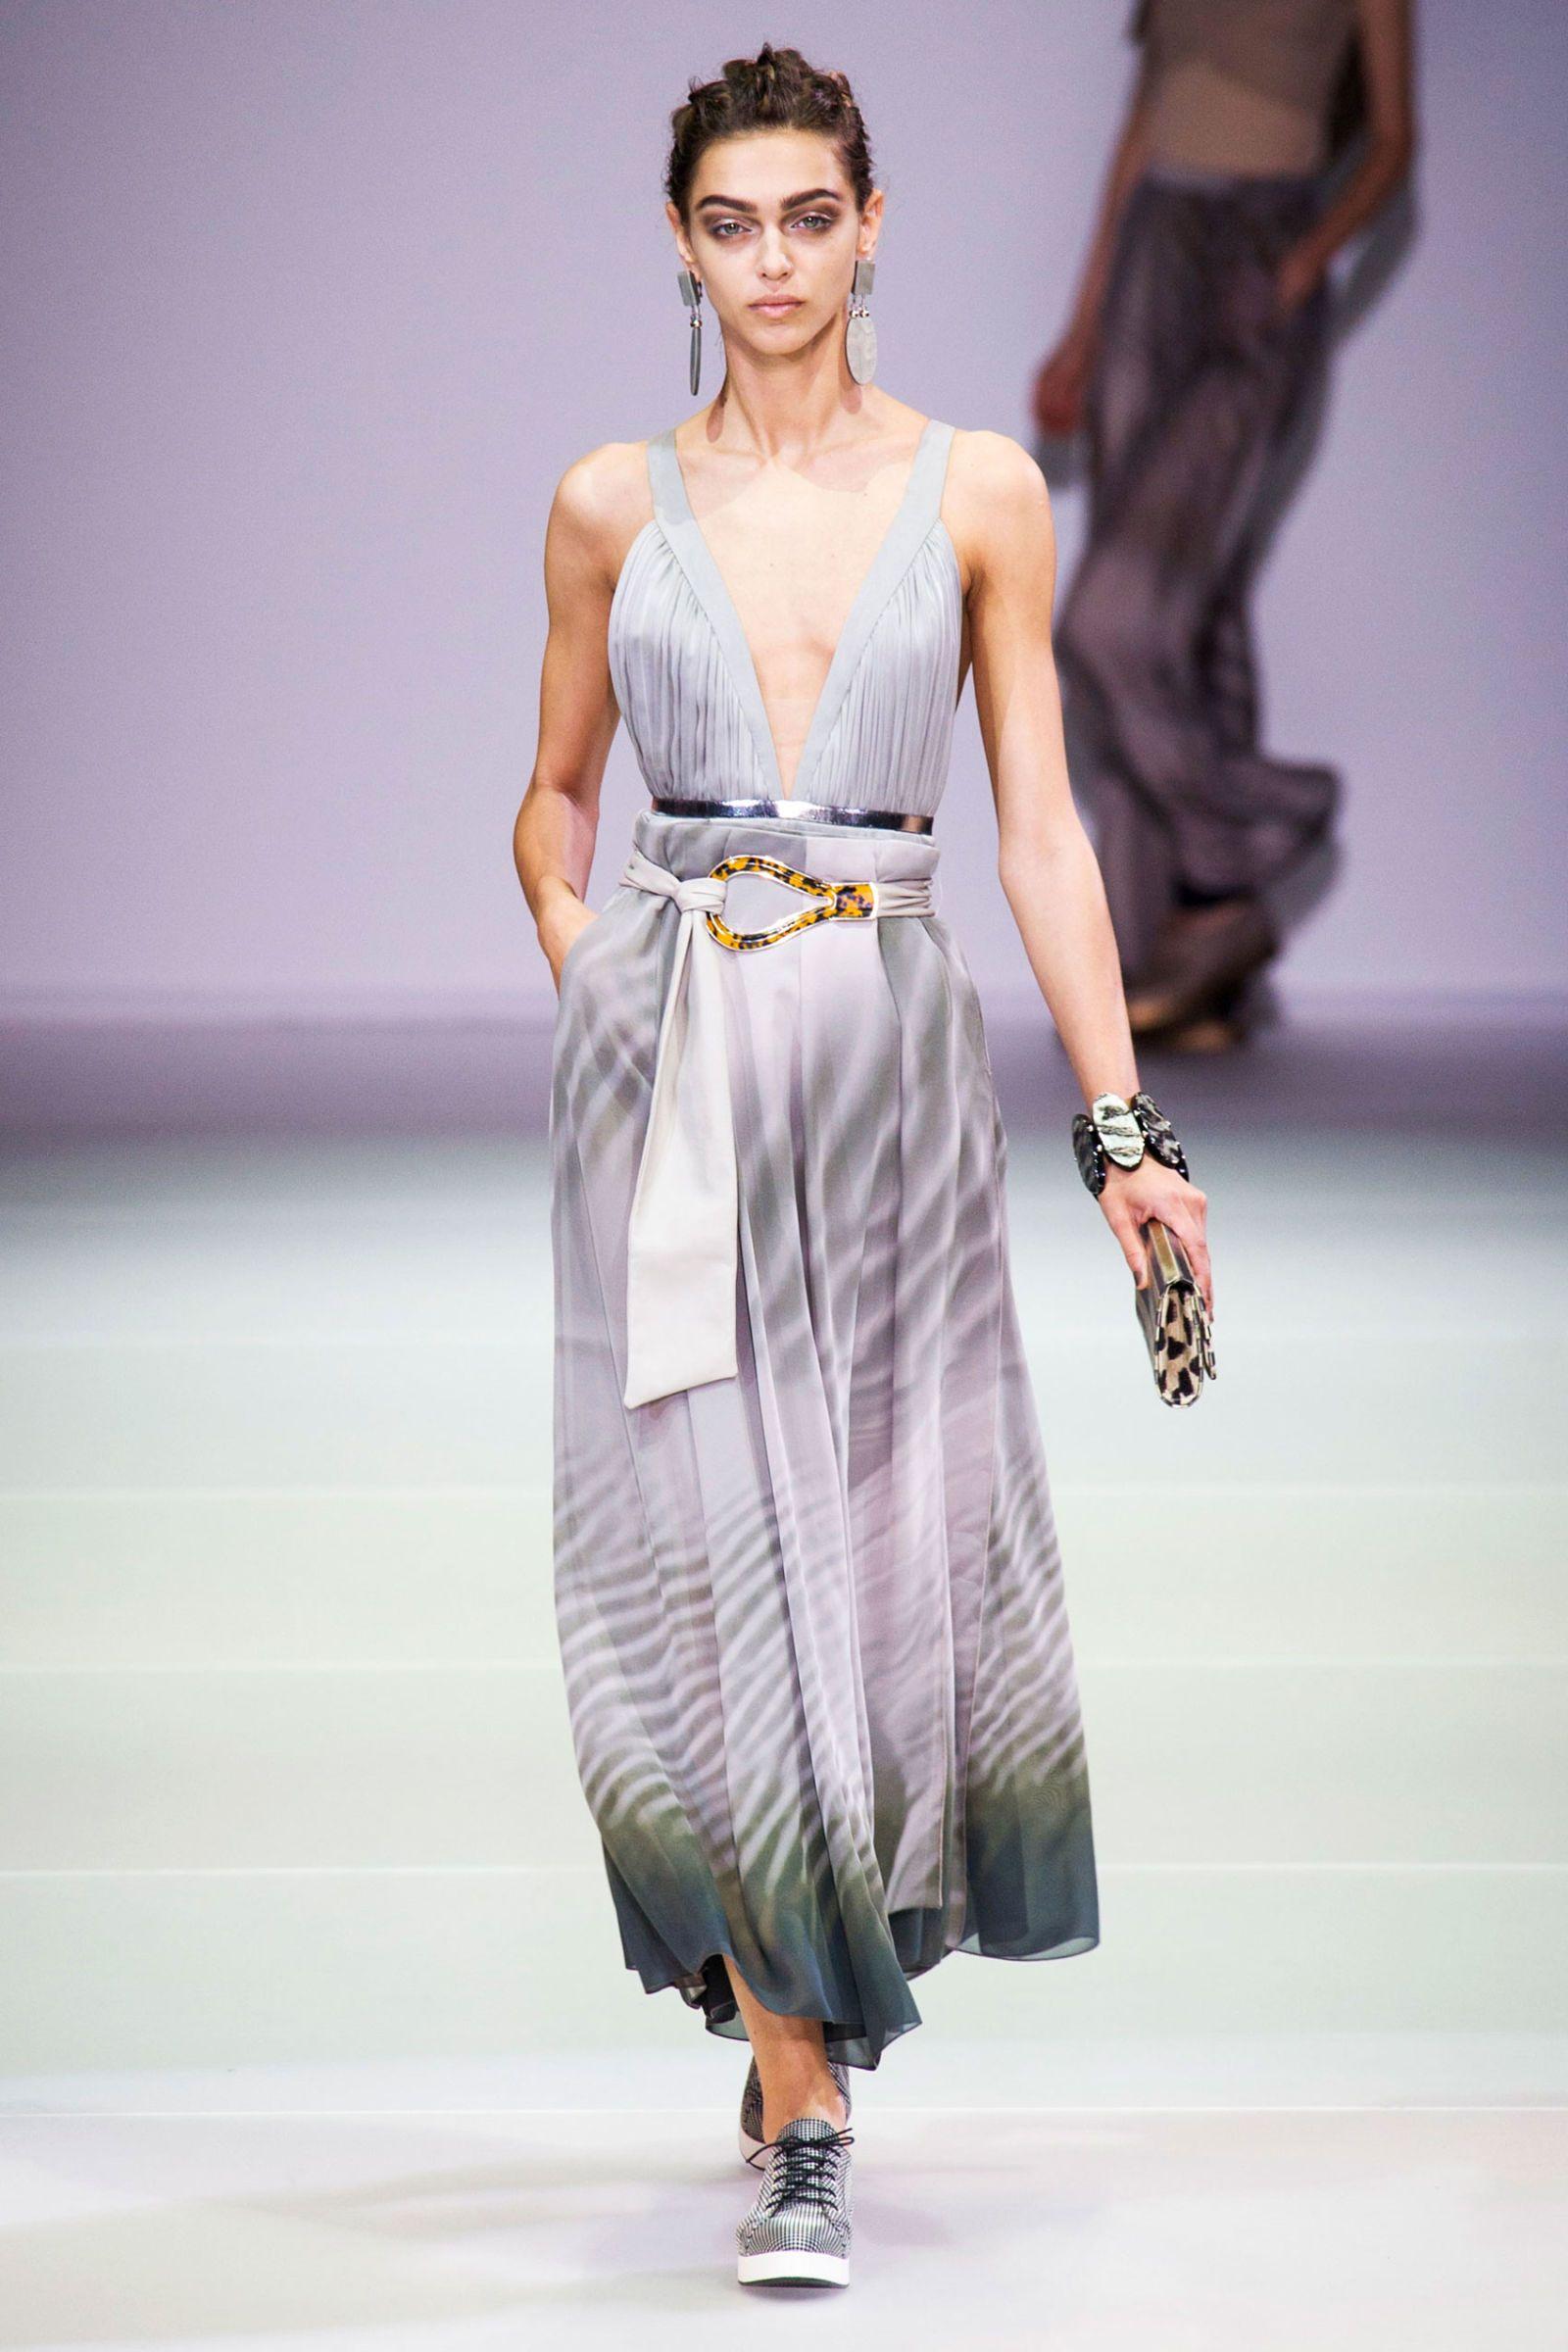 e6c9749c0c Milan Fashion Week Spring 2015 - Best Milan 2015 Runway Fashion